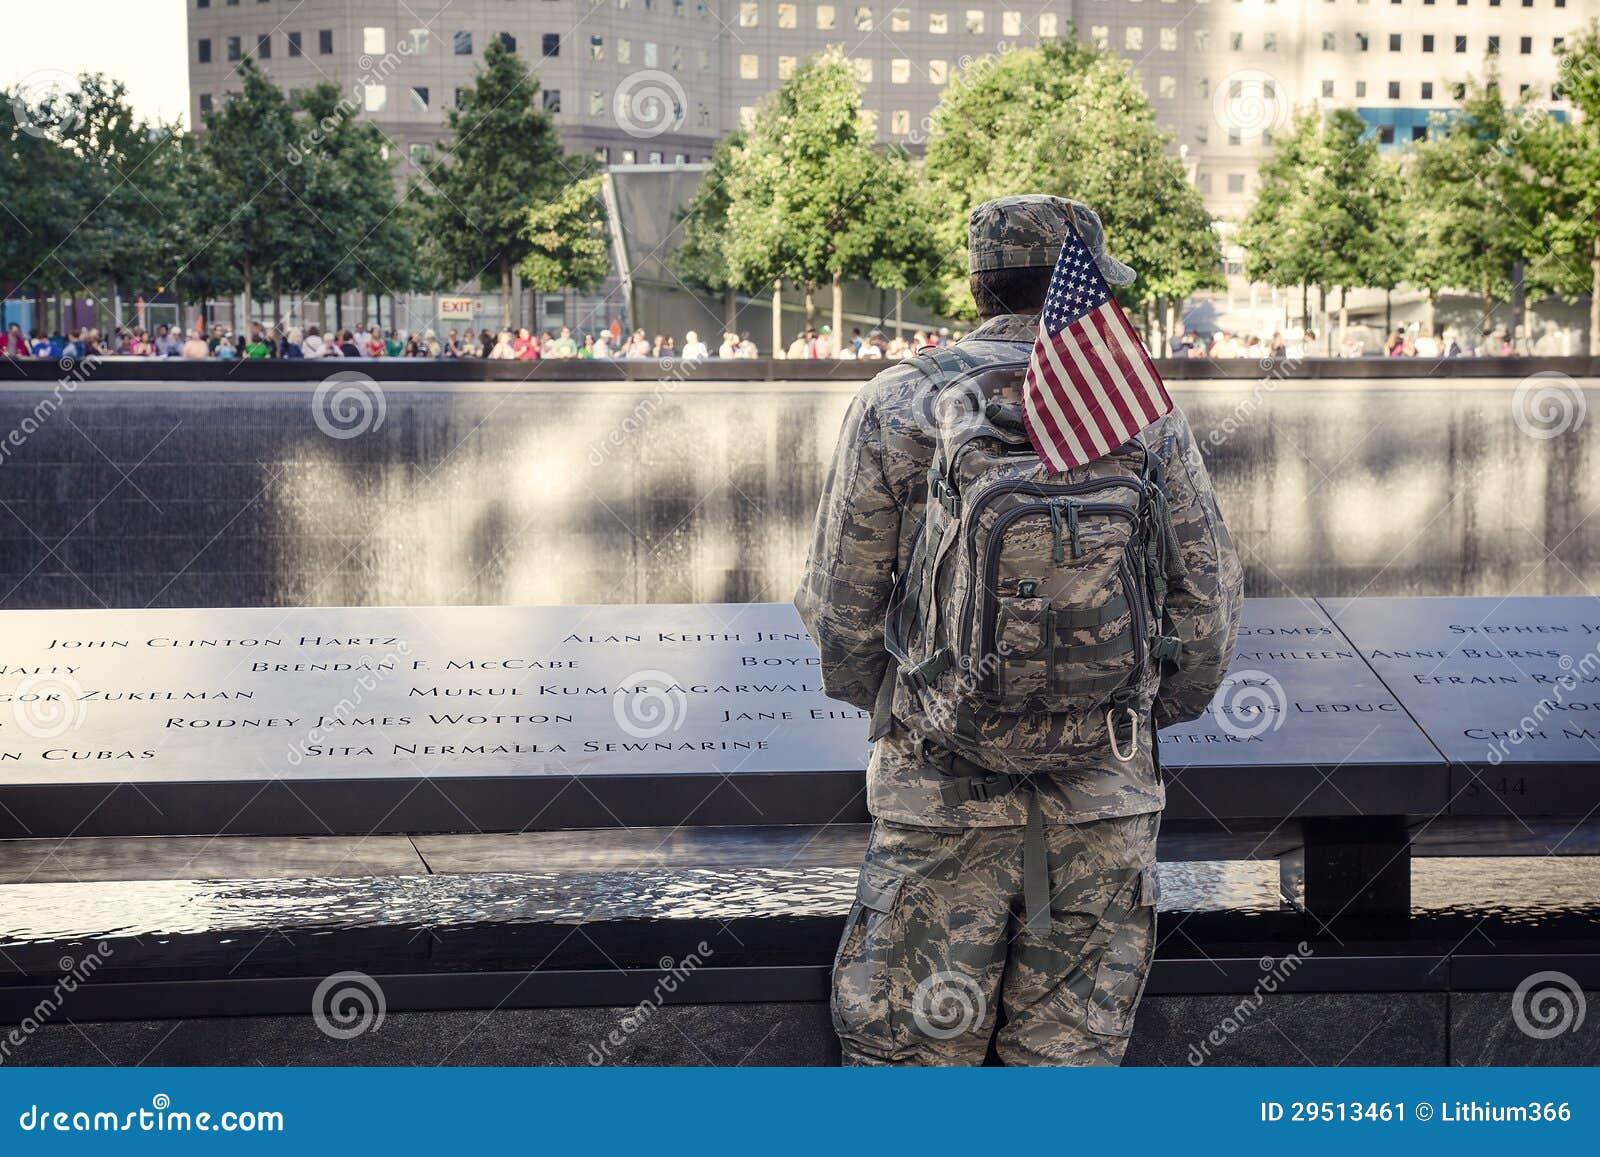 Eeuwig Geheugen aan 9/11 victums